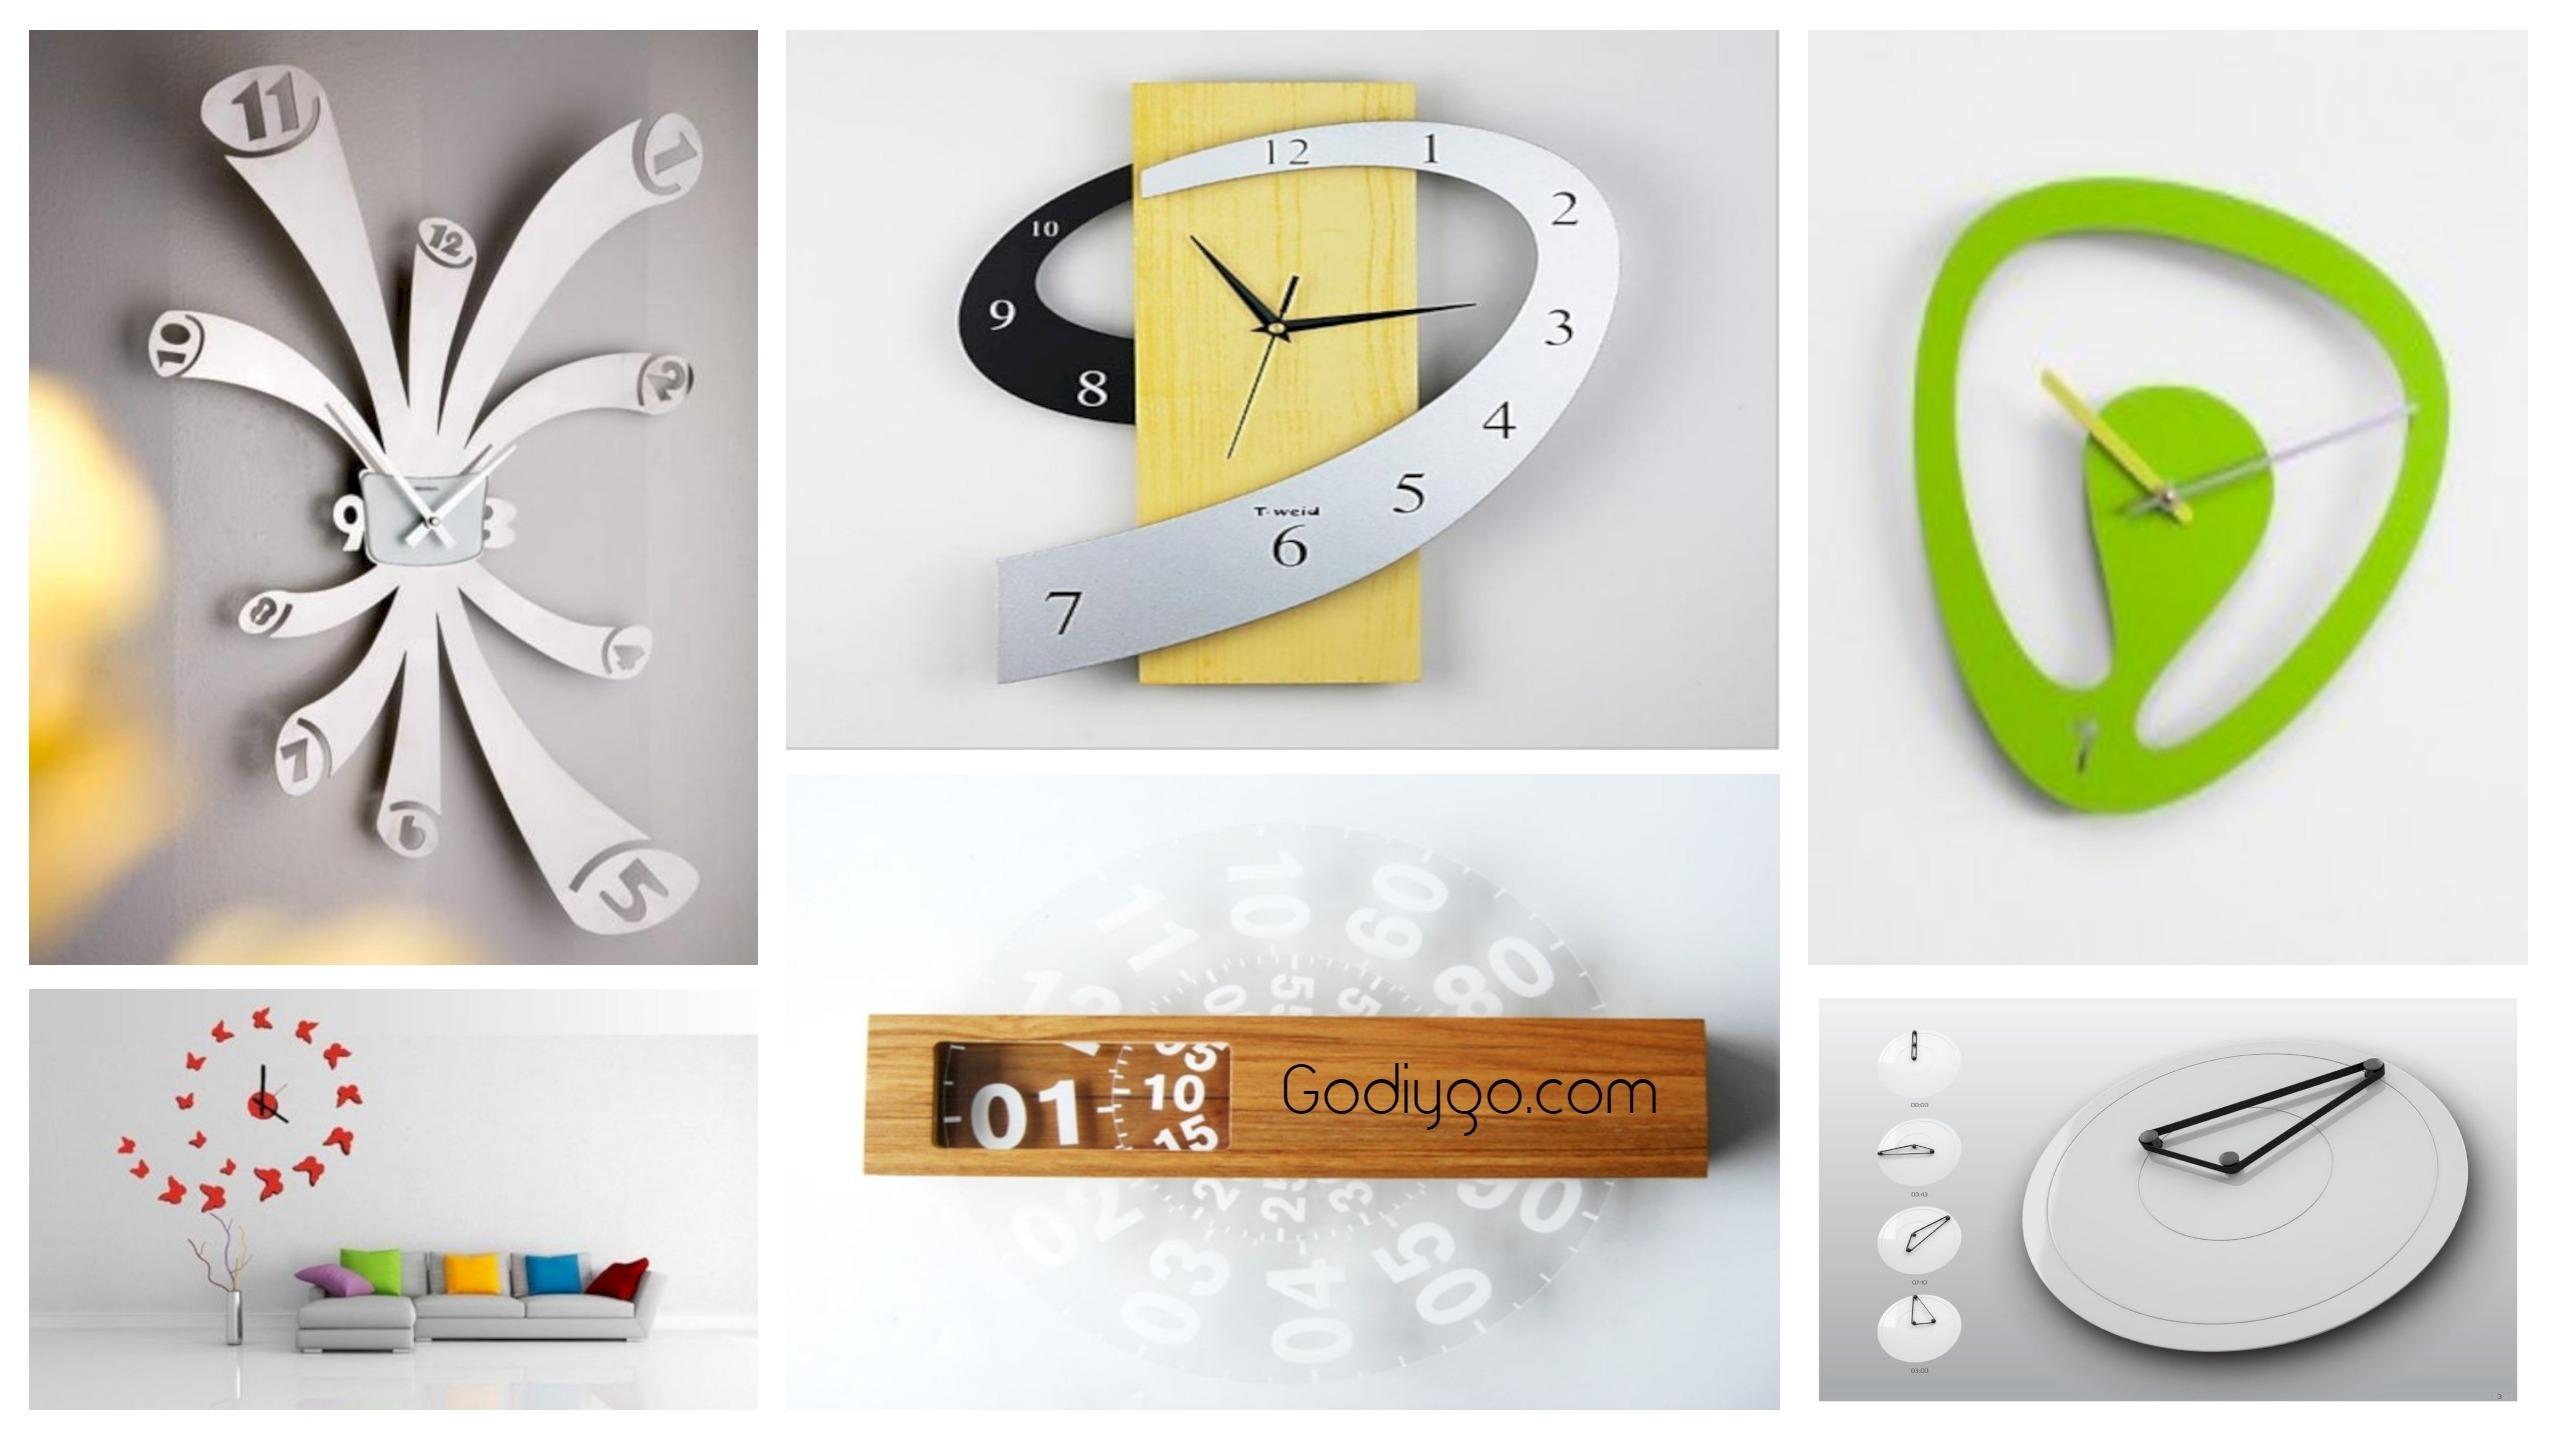 40 Unusual Modern Wall Clock Design Ideas - GODIYGO.COM